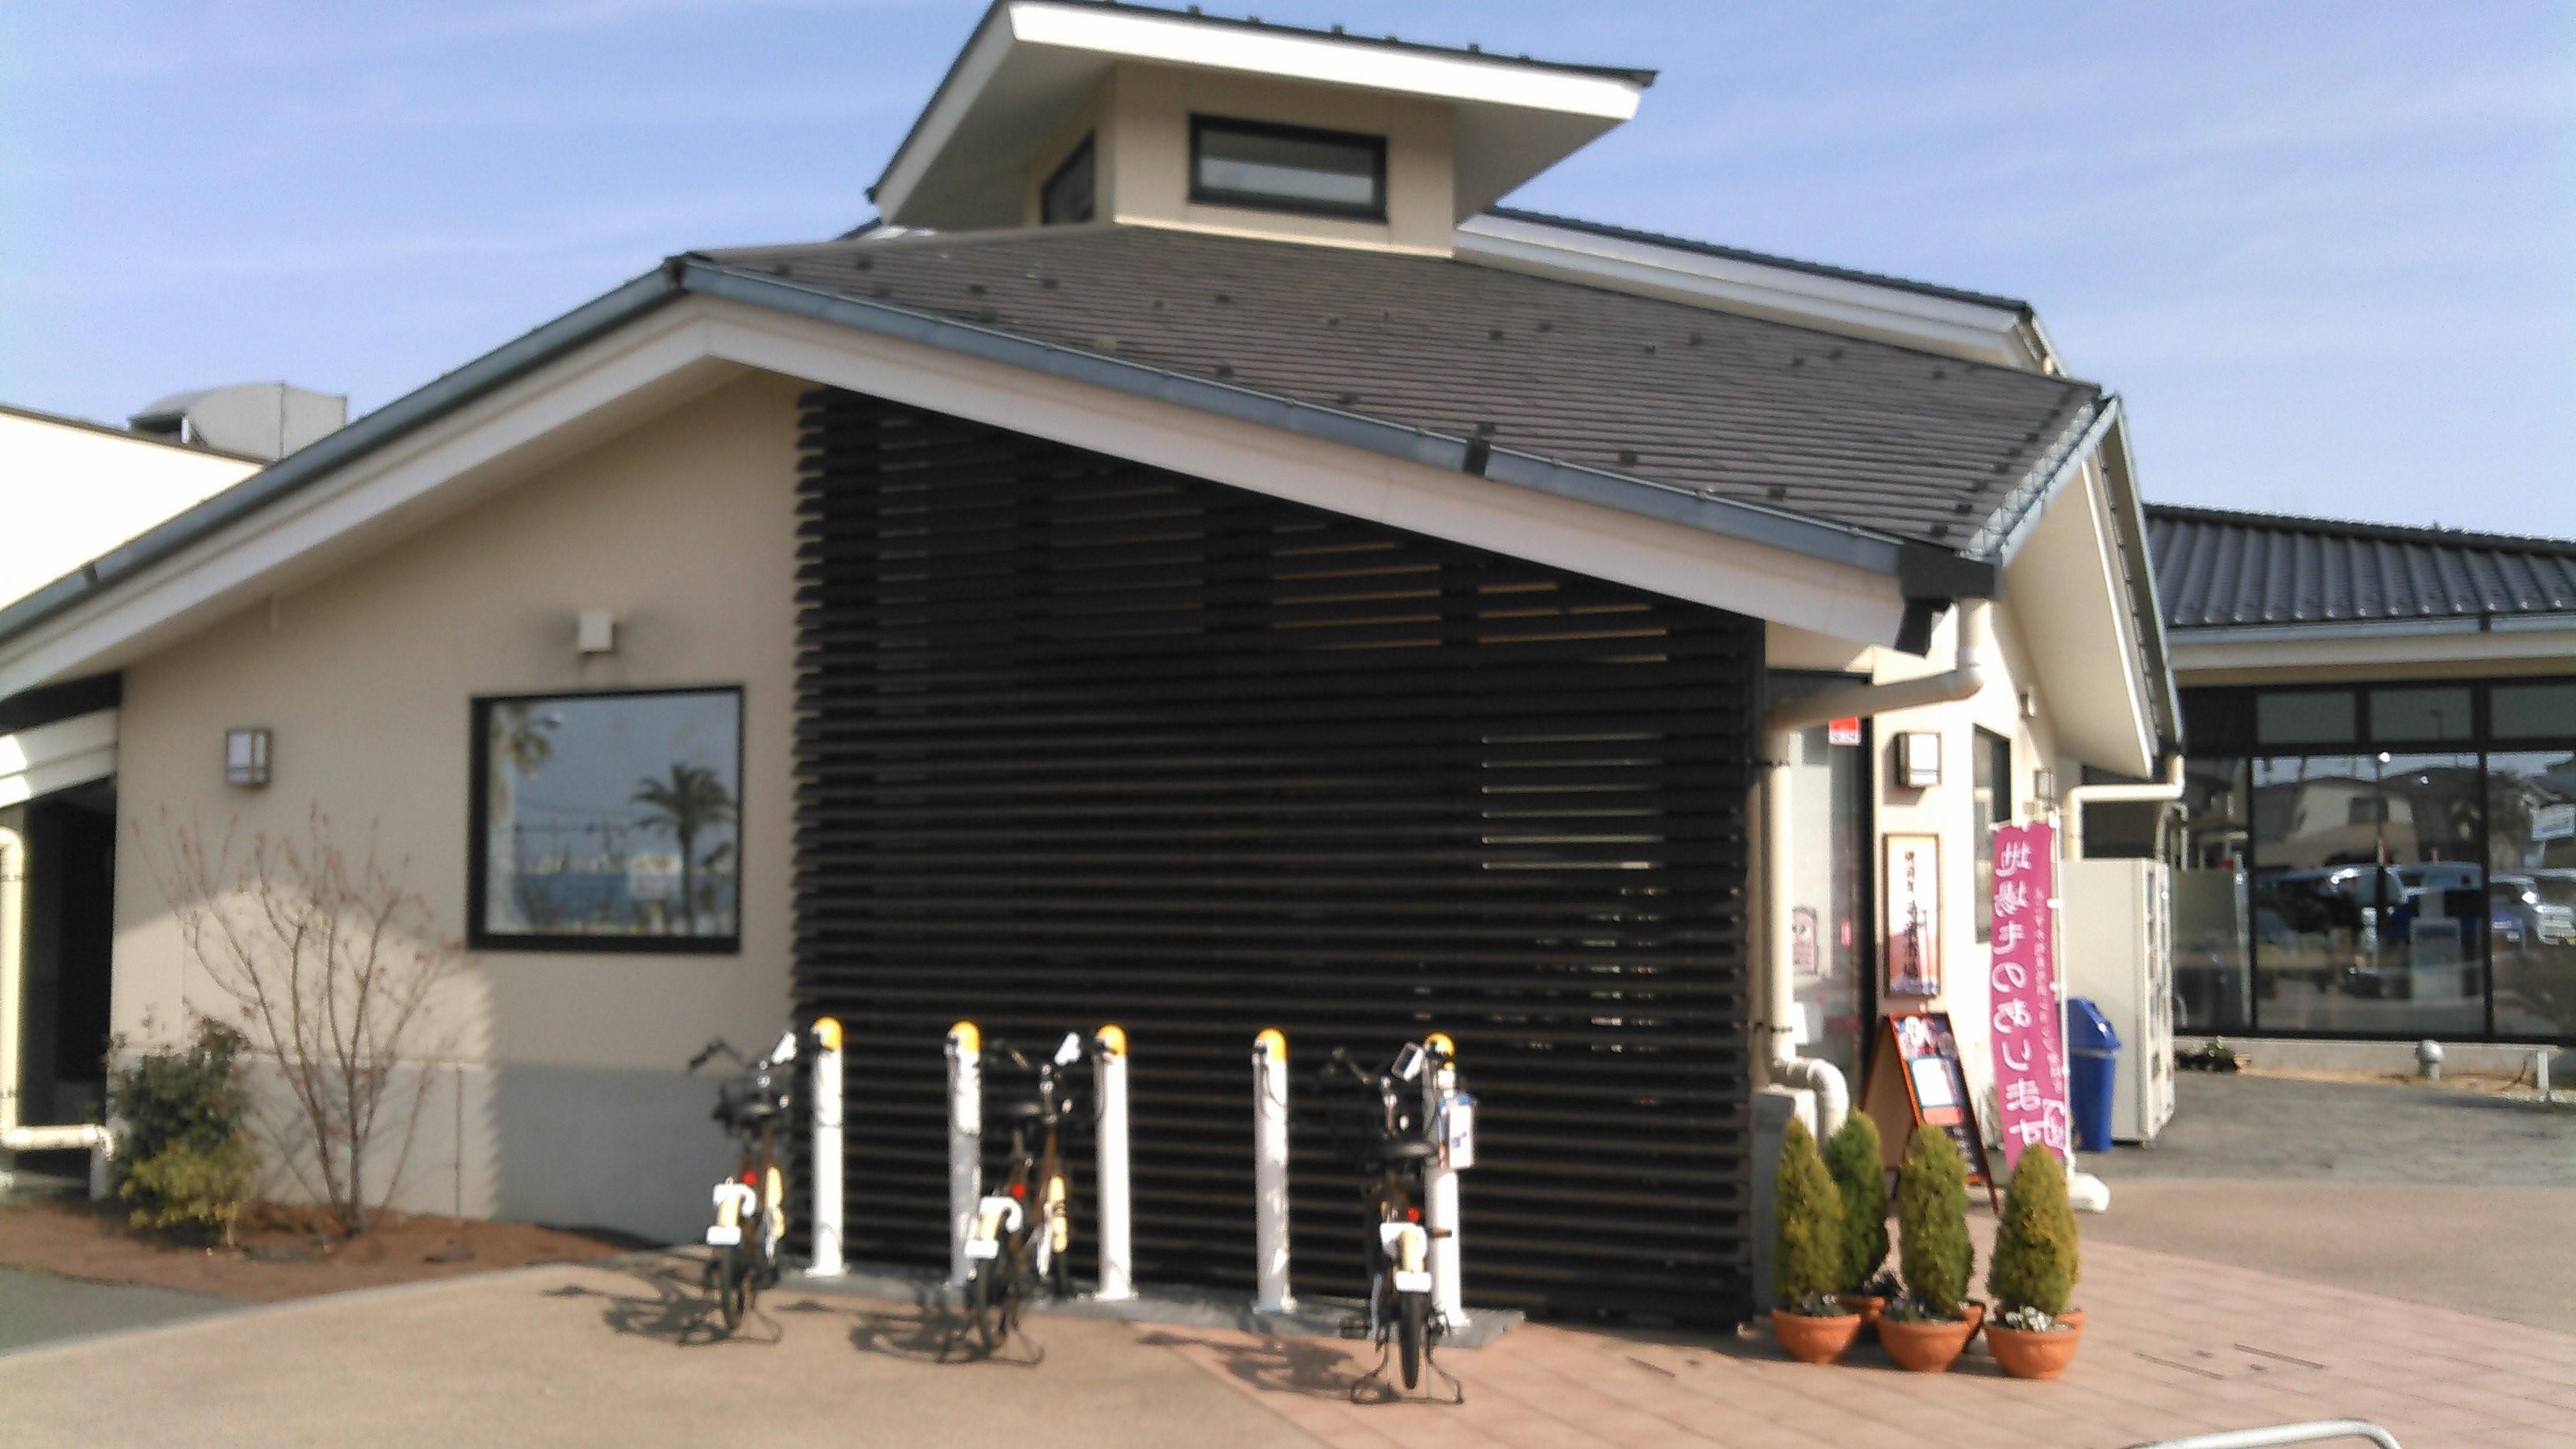 【ベルシェア】横須賀温泉 湯楽の里 (HELLO CYCLING ポート) image